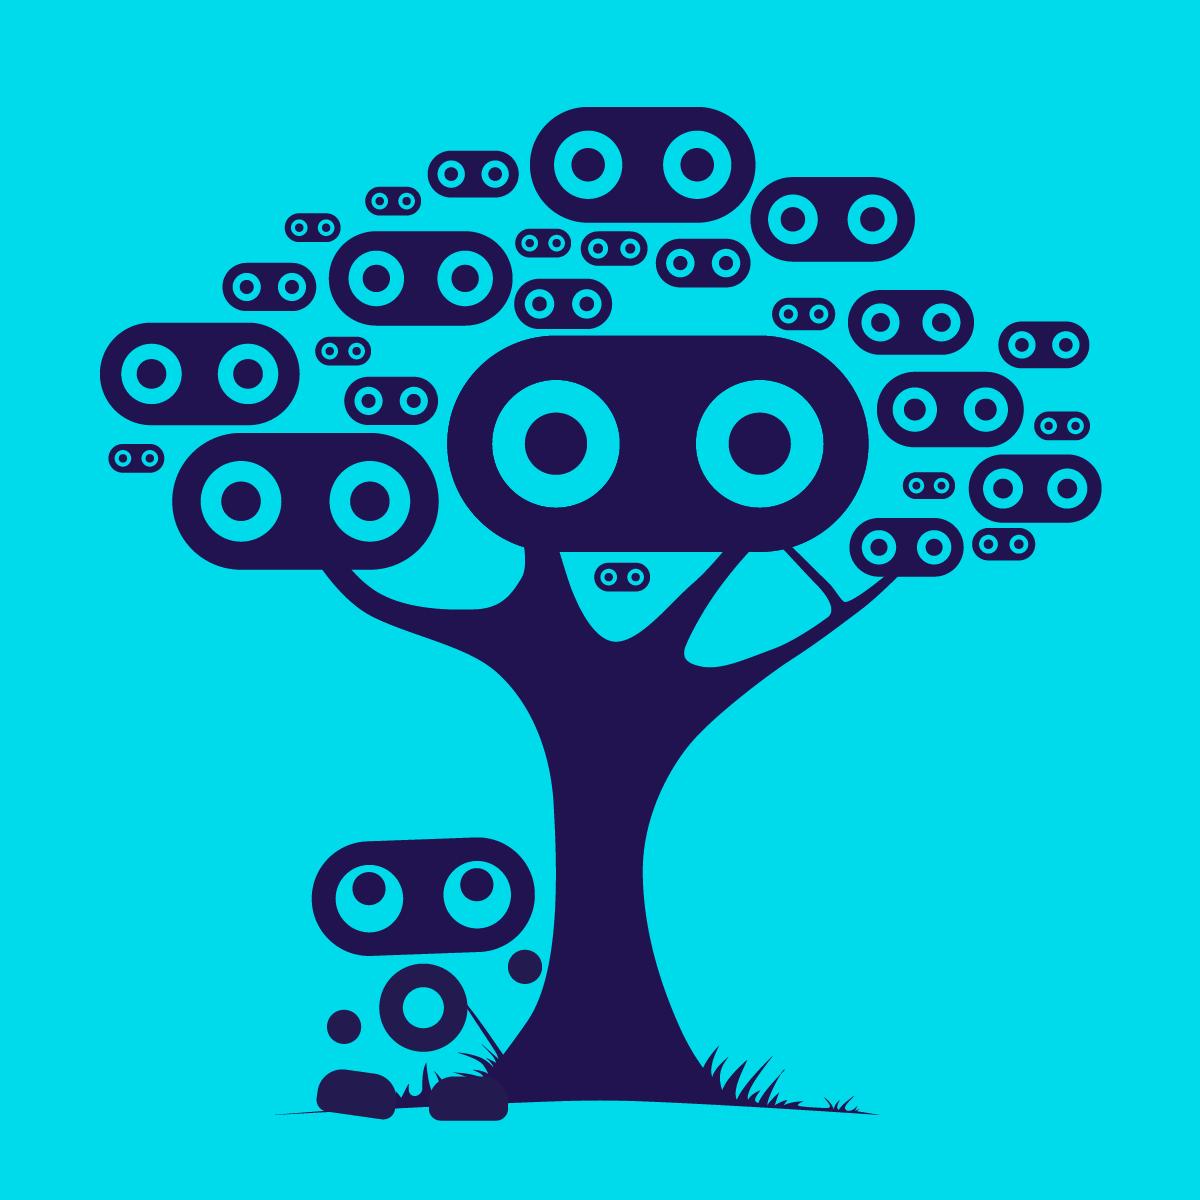 Snoop logos growing on trees